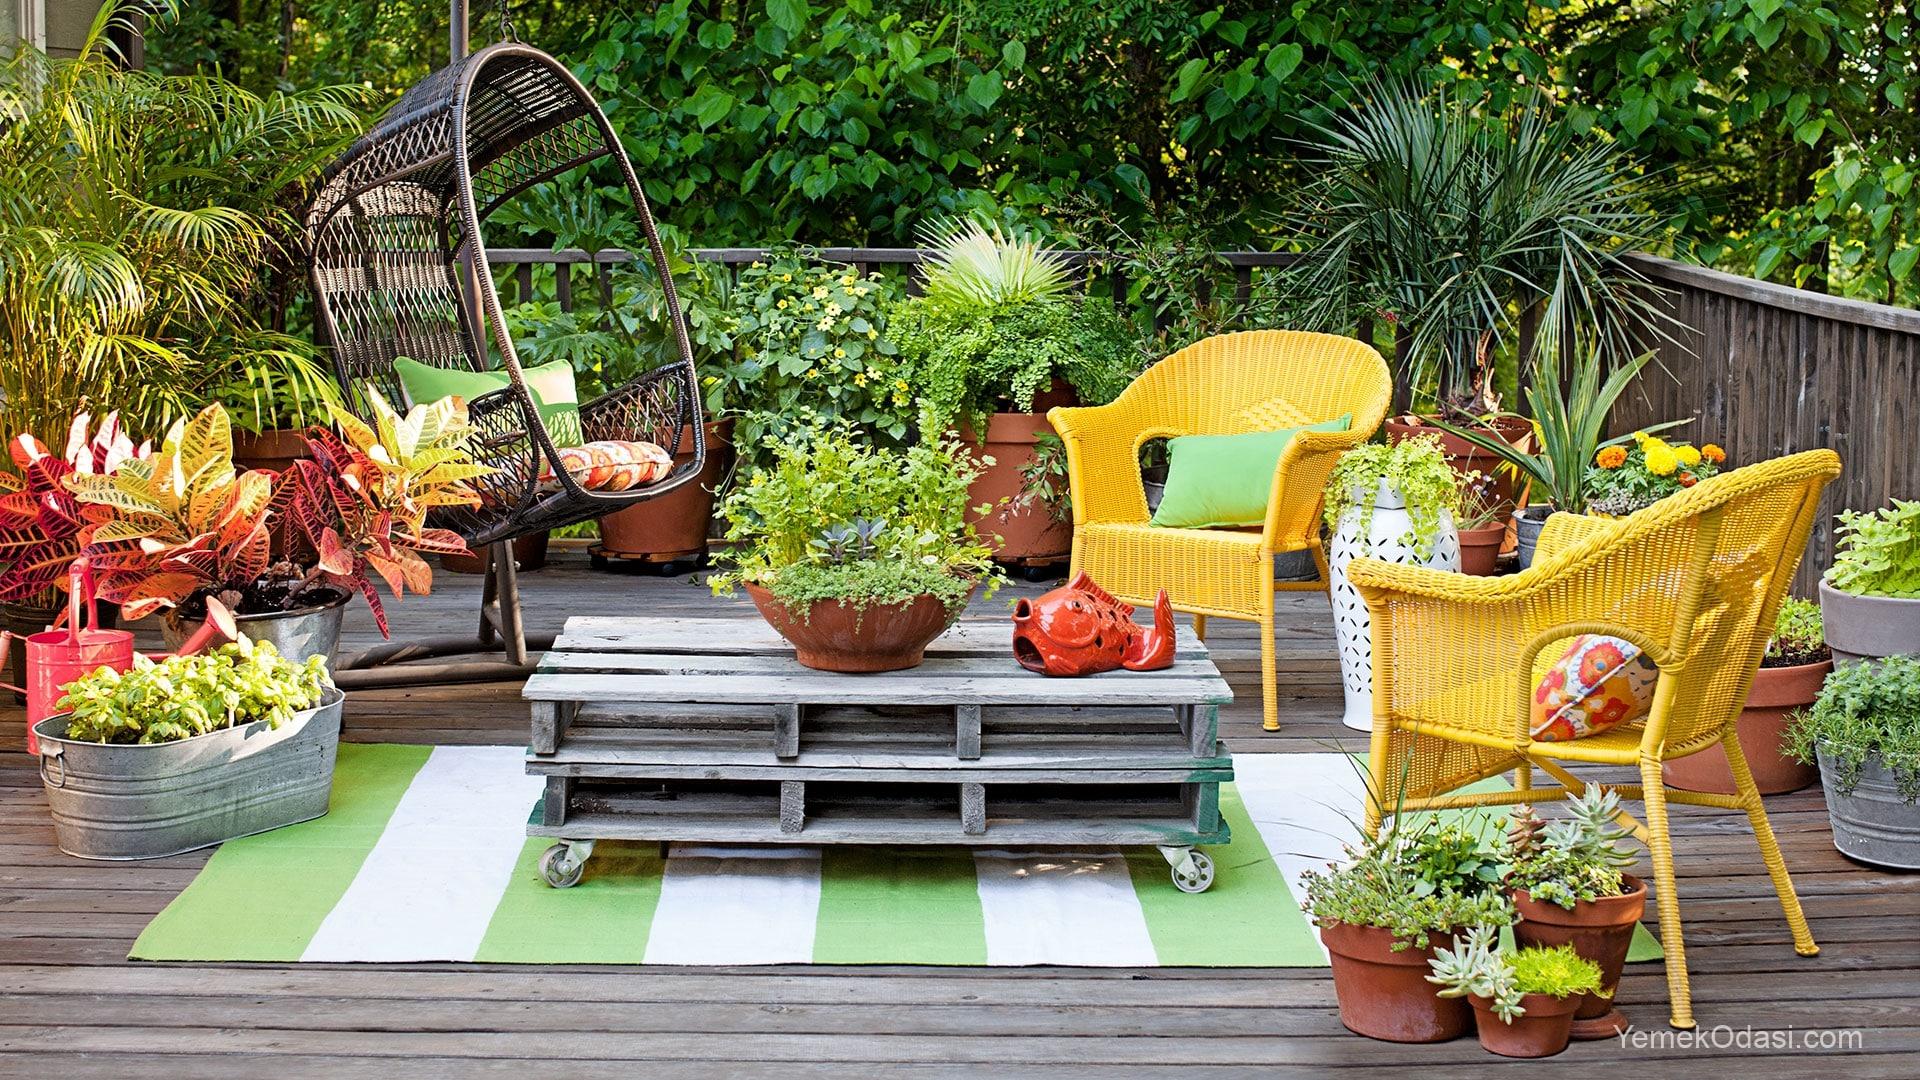 Ahşap palet bahçede değerlendirme